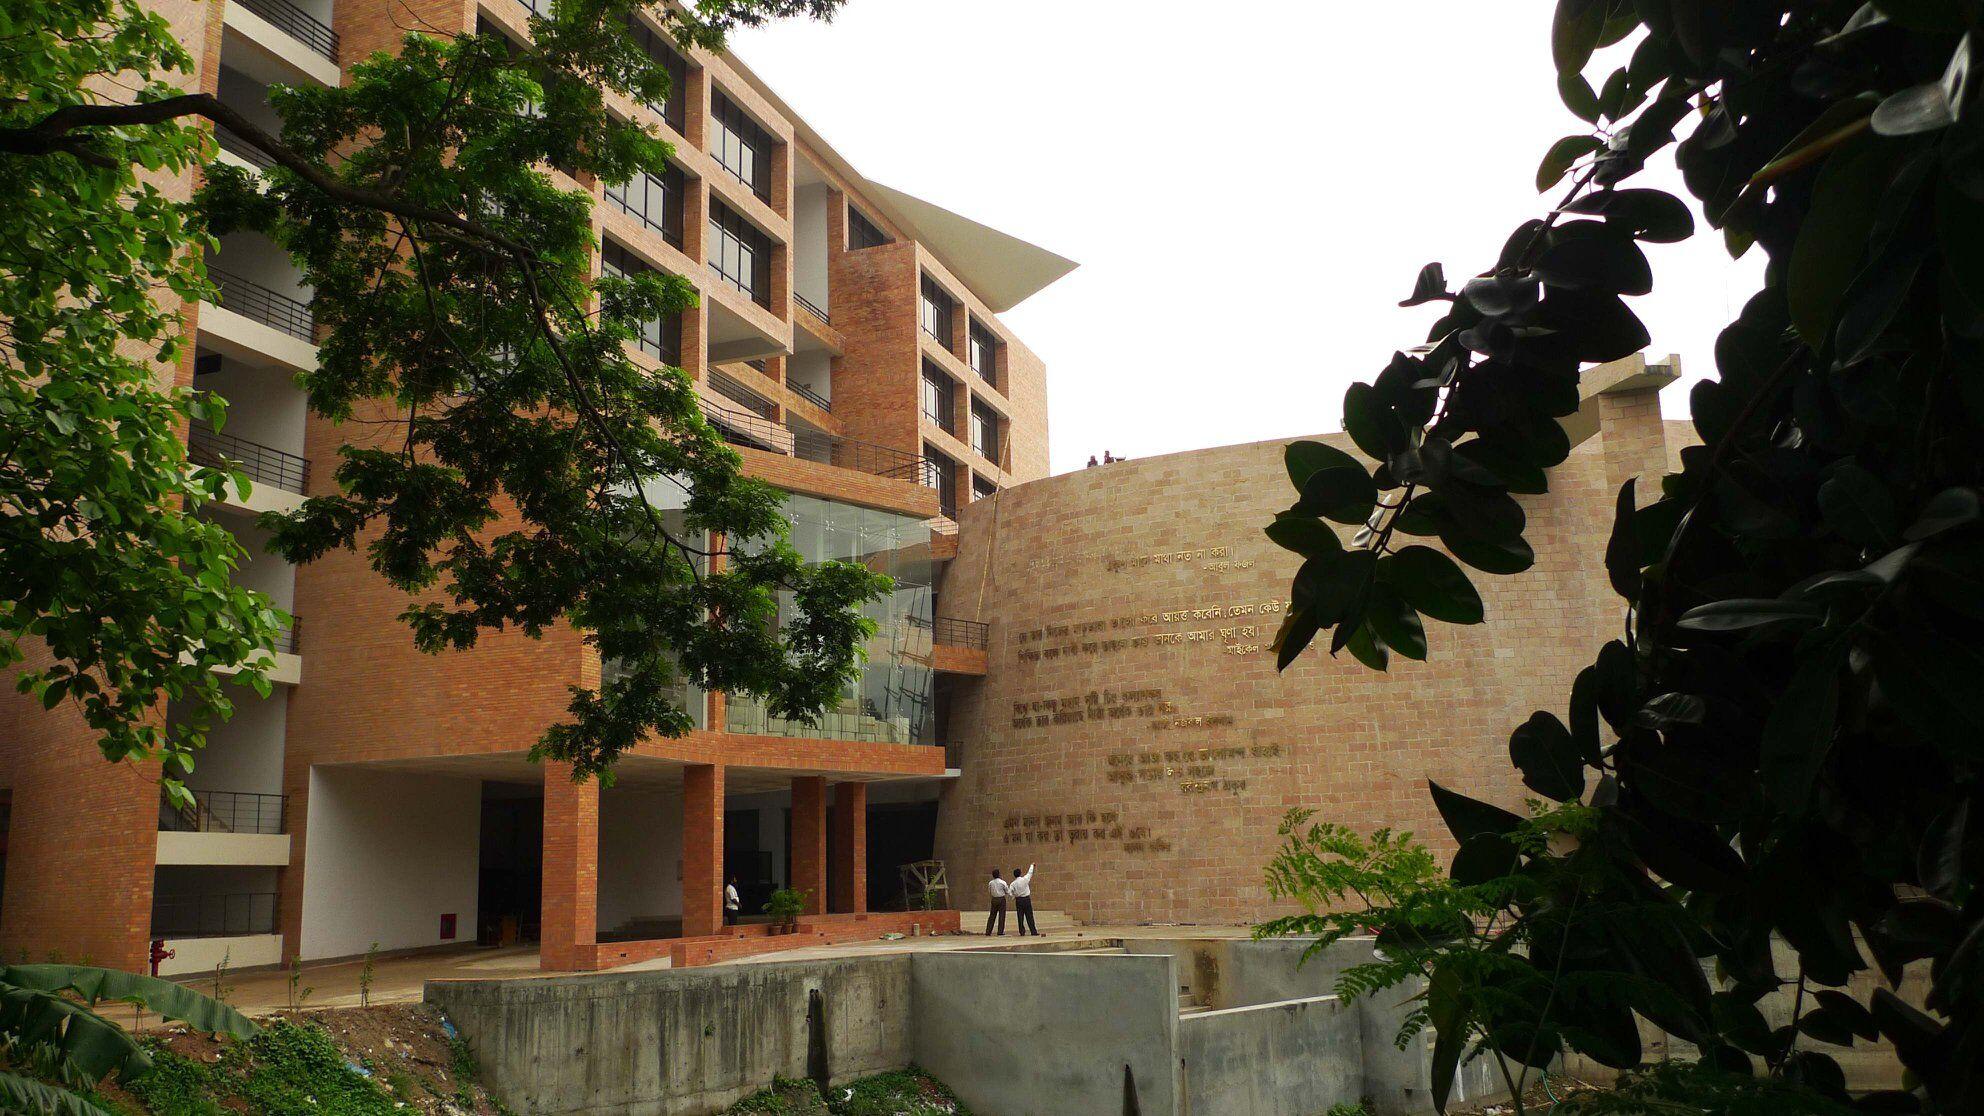 interior design meaning in bengali language